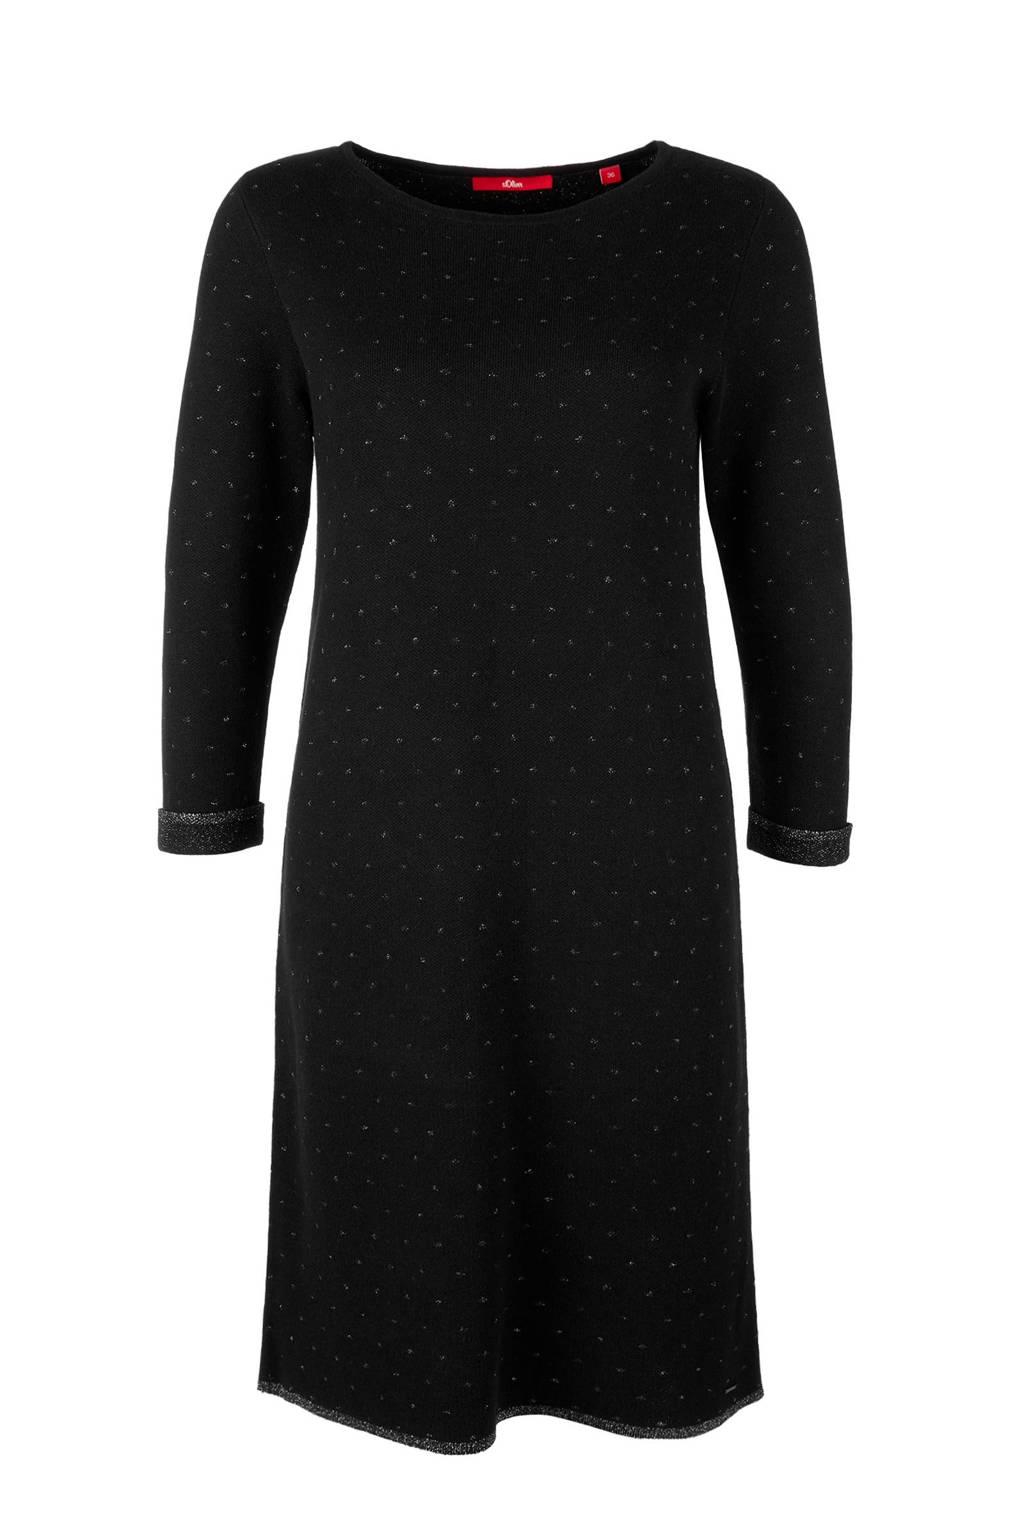 s.Oliver jurk met kleine all over motief zwart, Zwart